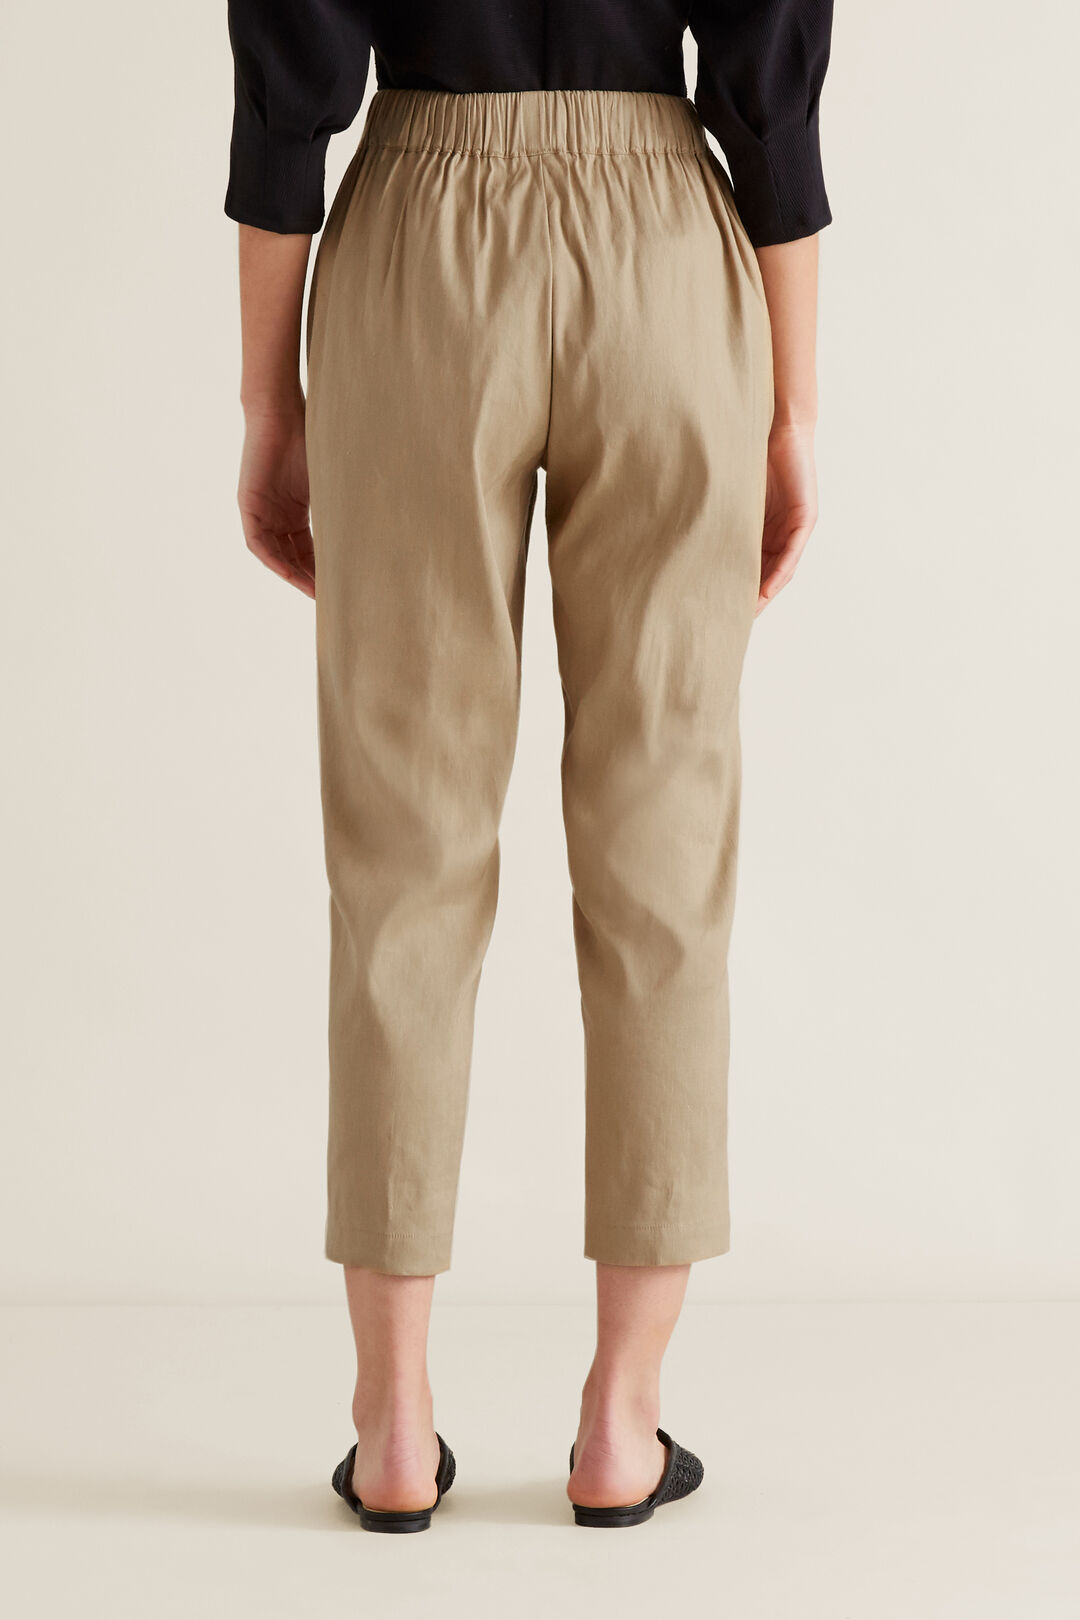 Stitch Front Pant  WARM TAN  hi-res